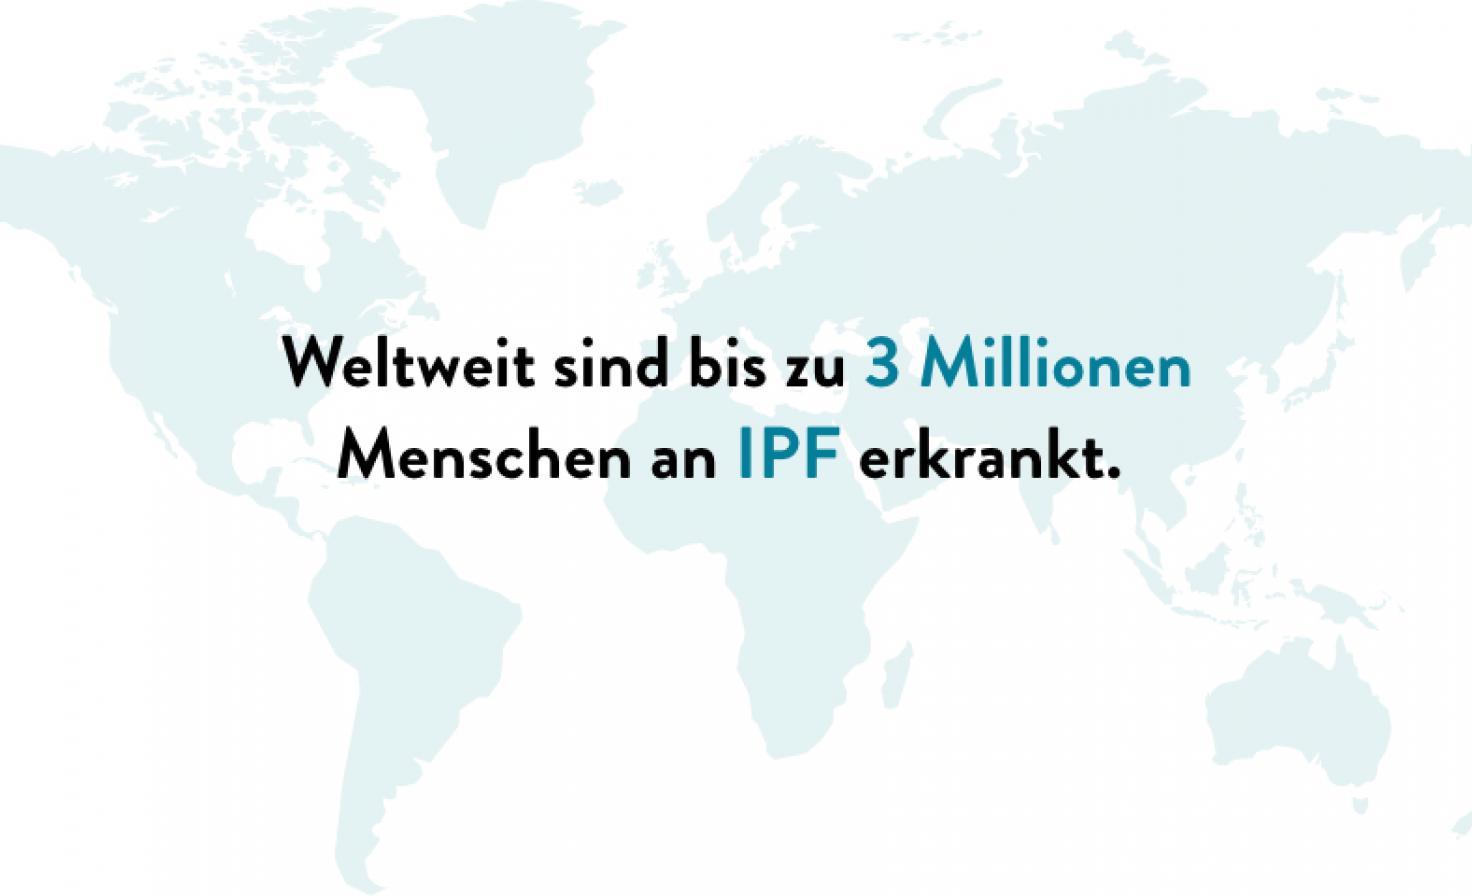 Weltweit sind bis zu 3 Millionen Menschen an IPF erkrankt